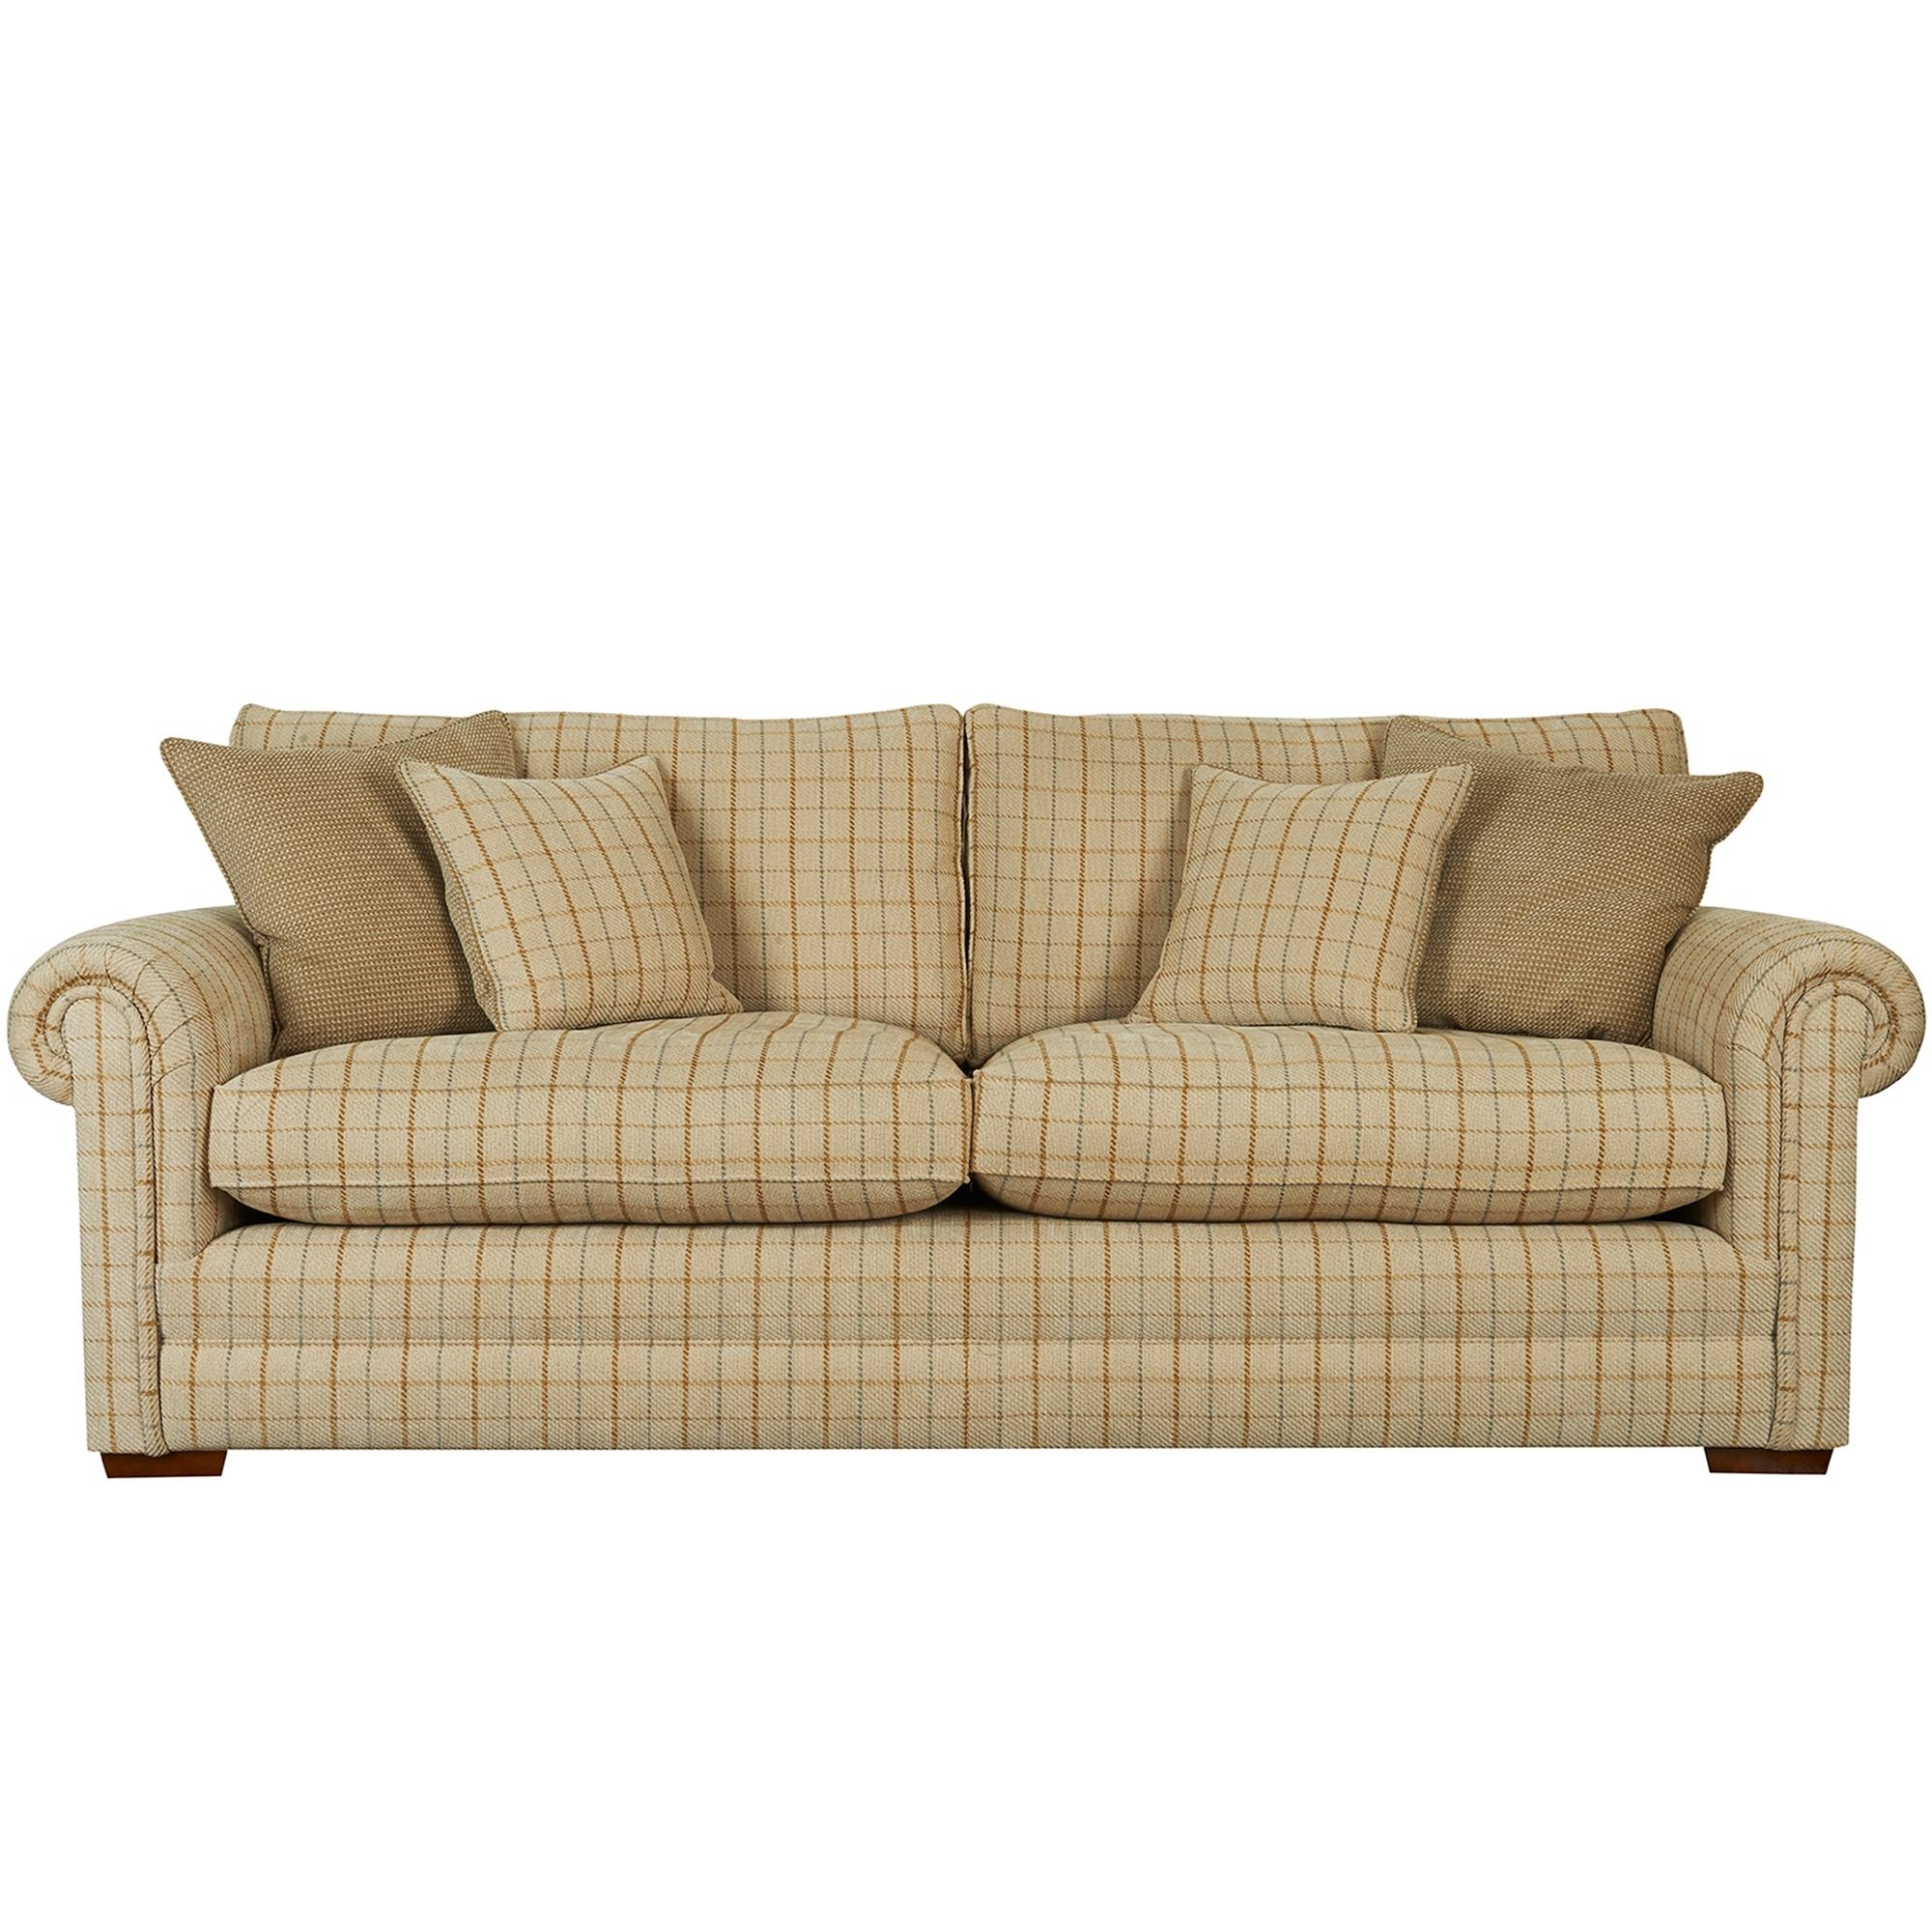 sofa bed oldrids www griffins co uk u2022 rh griffins co uk